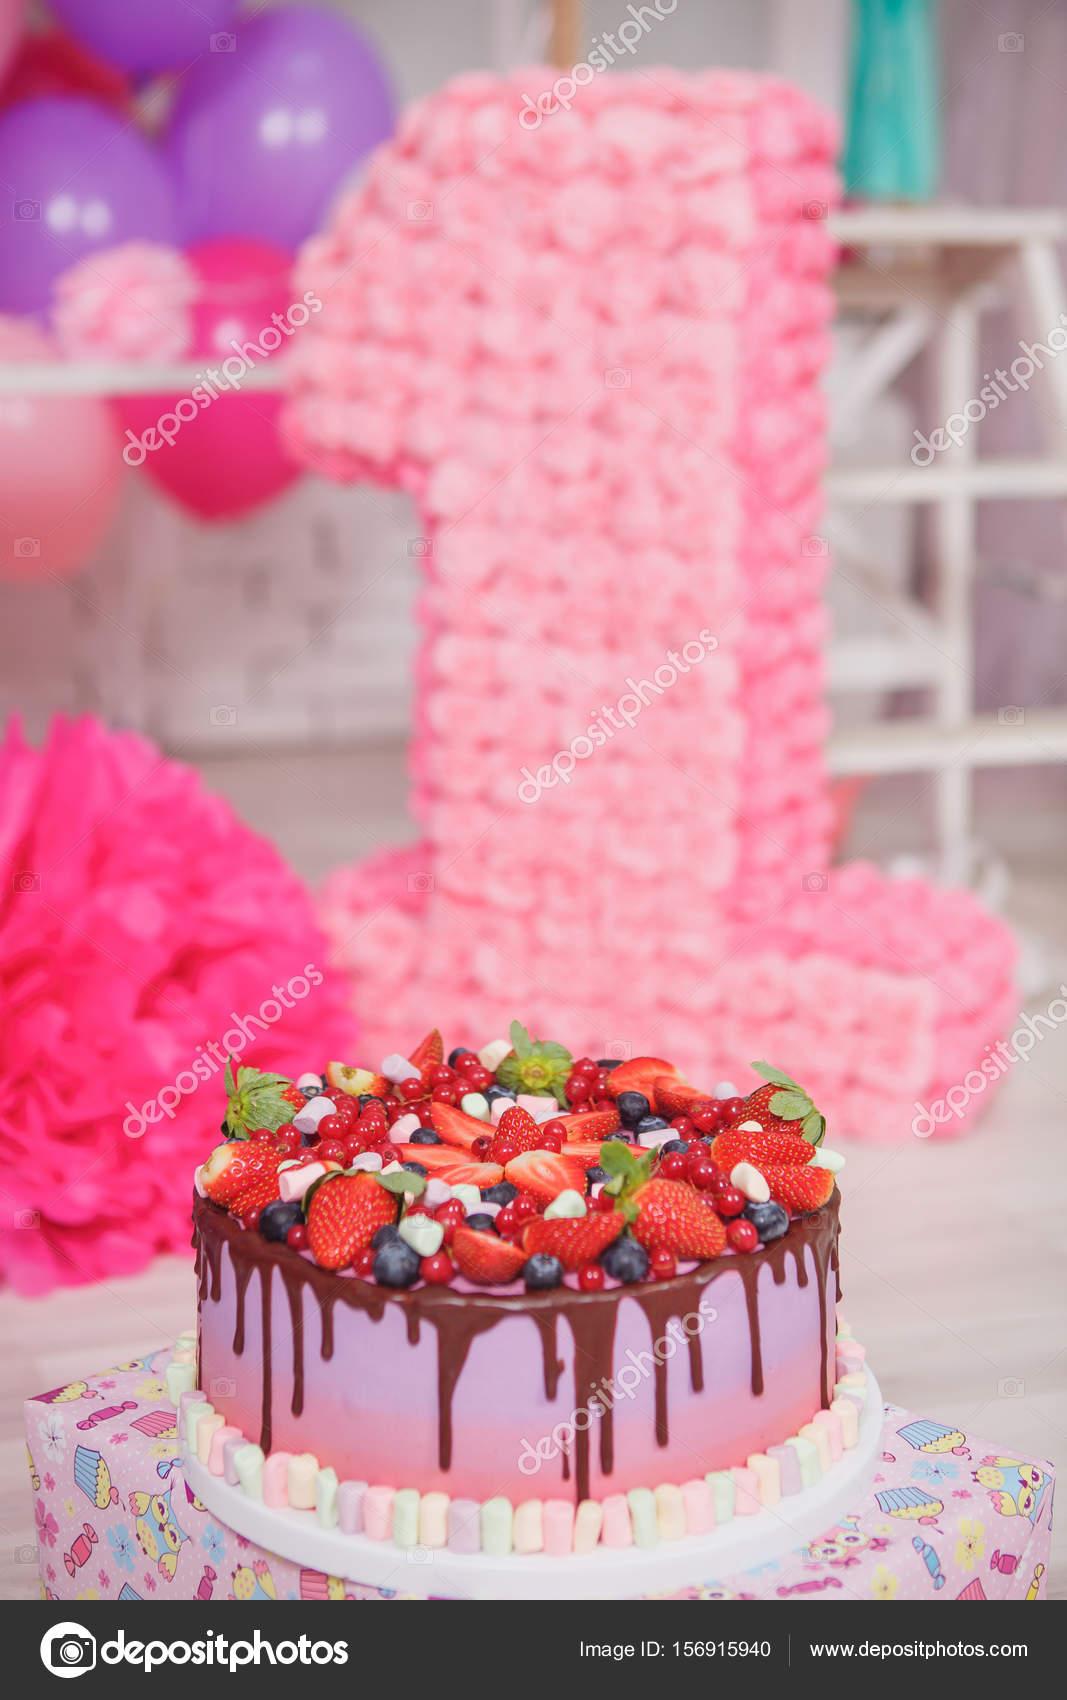 Obst Kuchen Geburtstag Party Dekoration Stockfoto C Cs 333 156915940